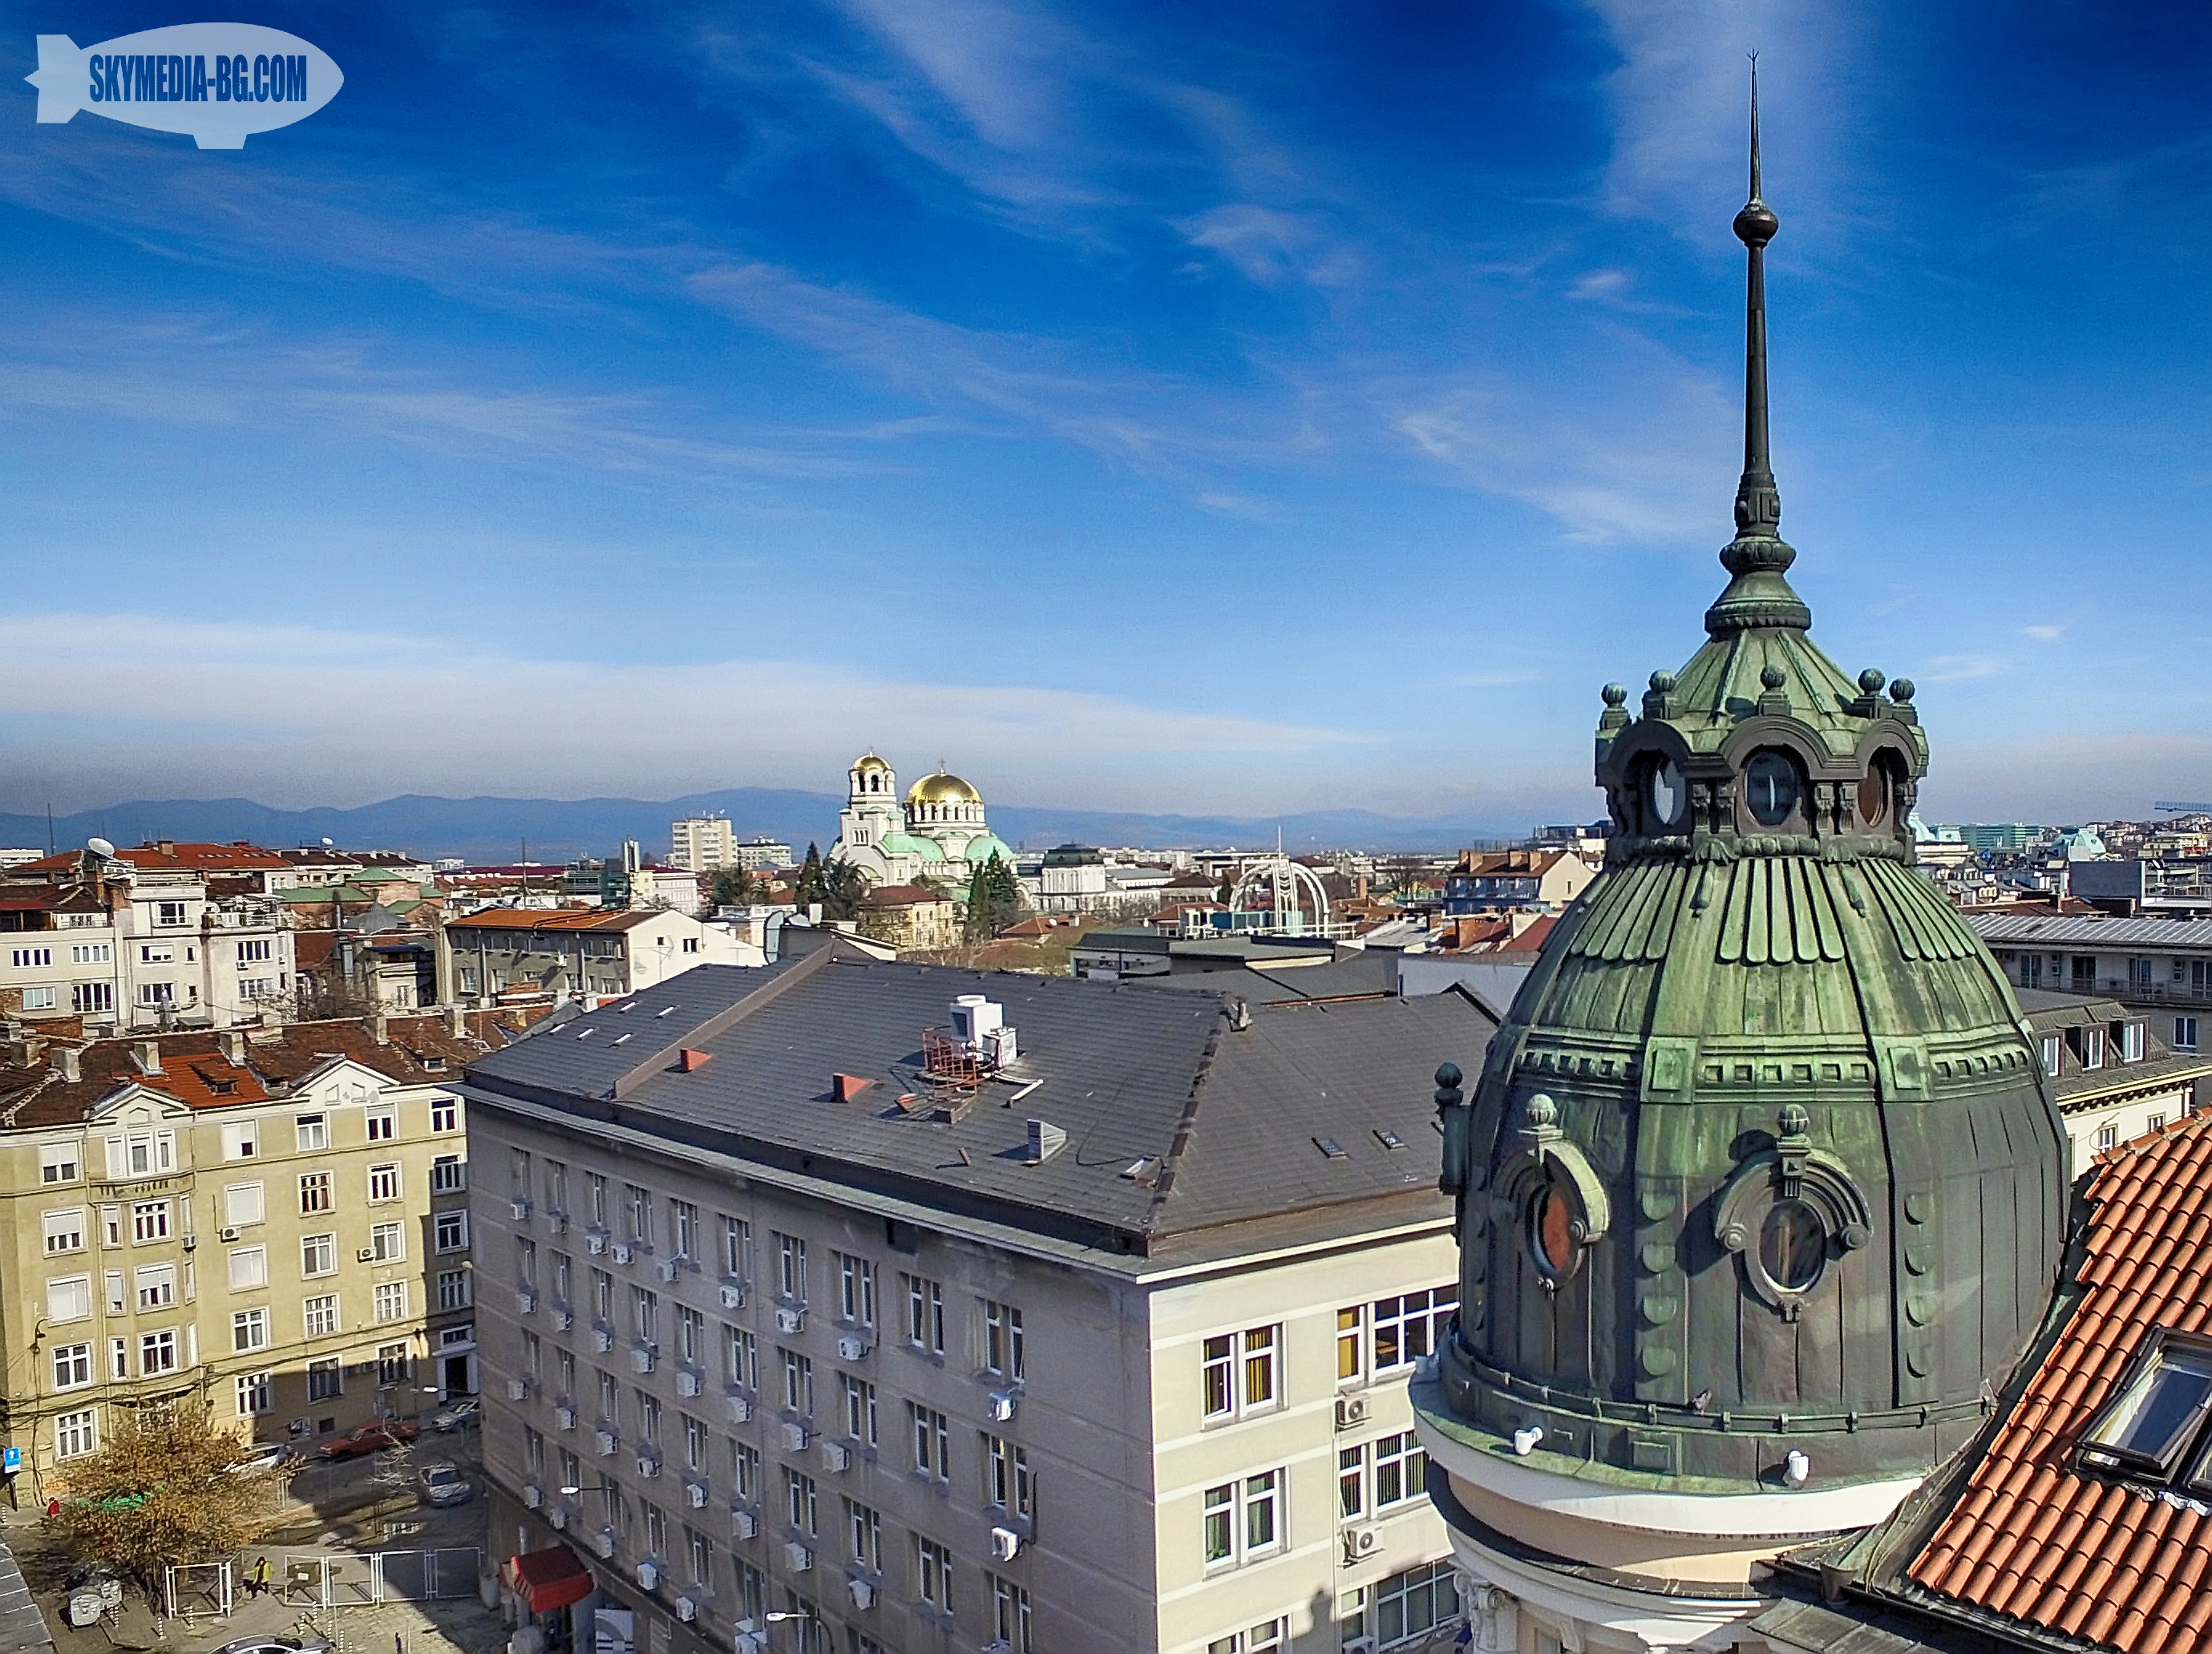 """Банковата сграда на ул. """"Славянска"""" 2 (зад Народния театър) е проектирана от архитект Георги Фингов. Построена е през 1912г. за Търговско-индустриалната камара. Имала е зимна градина, която в момента е изложбена галерия."""